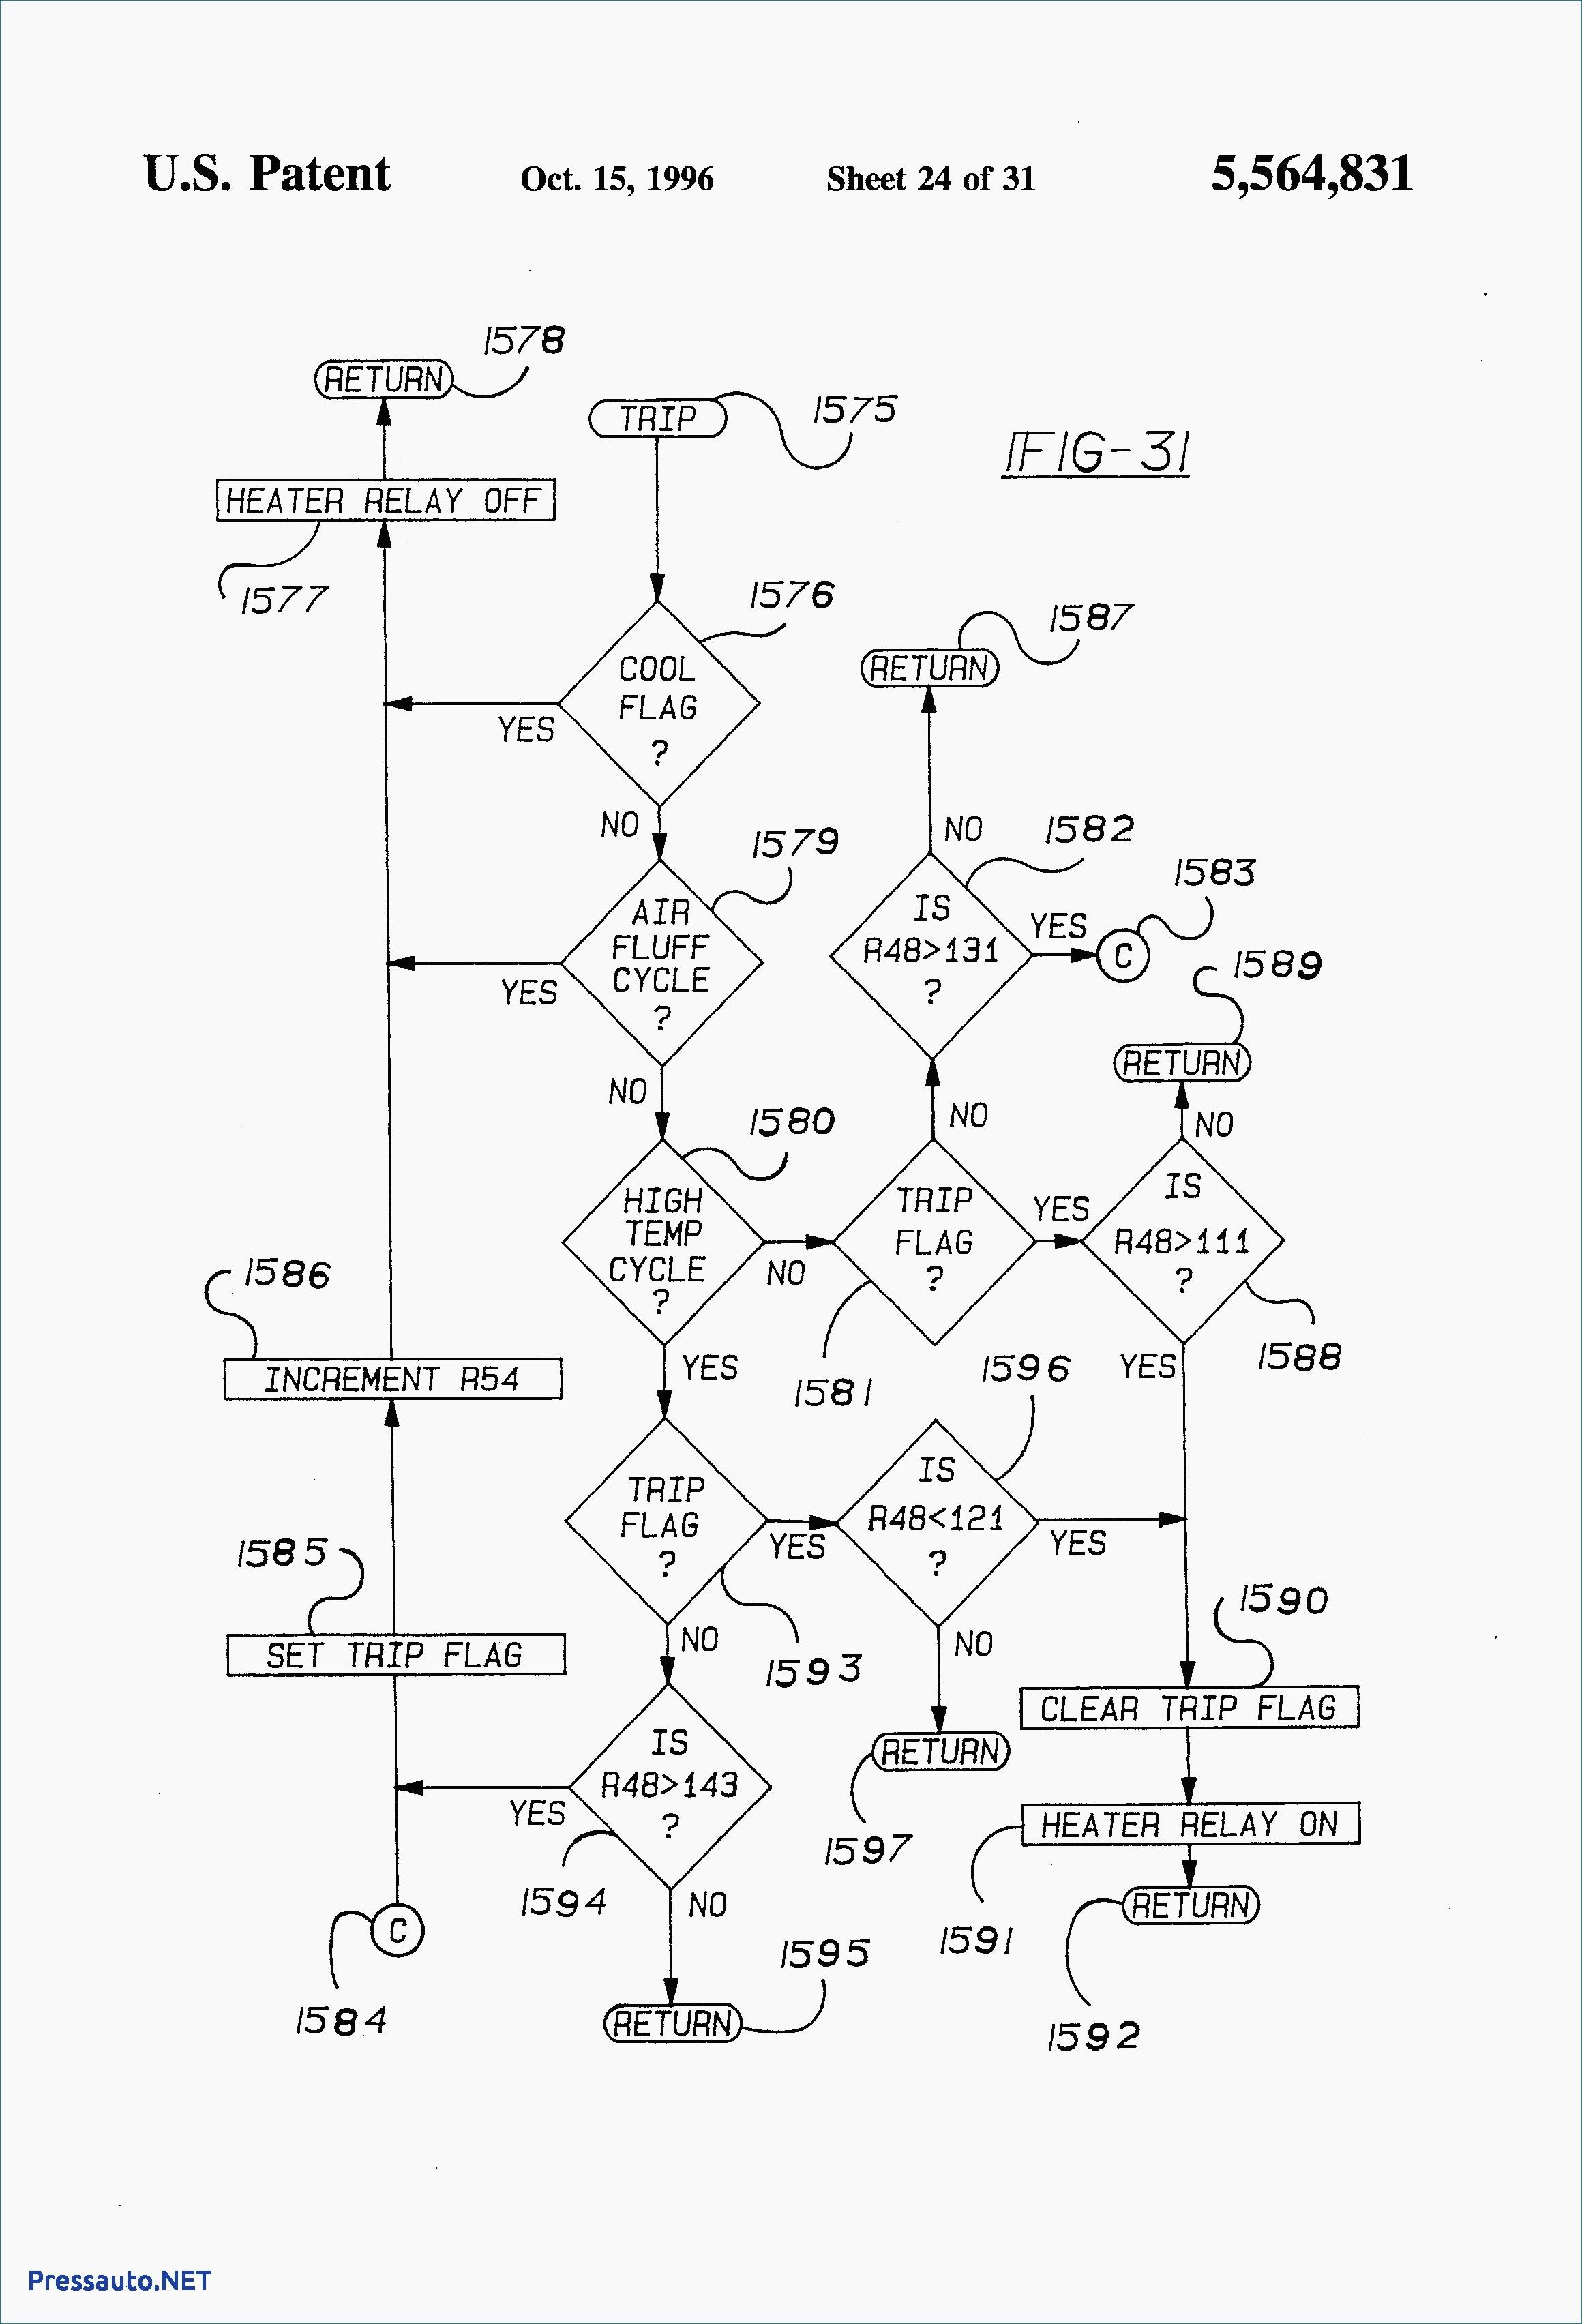 Ford Trailer Plug Wiring Diagram 7 Way Trailer Plug Wiring Diagram - Ford Trailer Wiring Diagram 7 Way